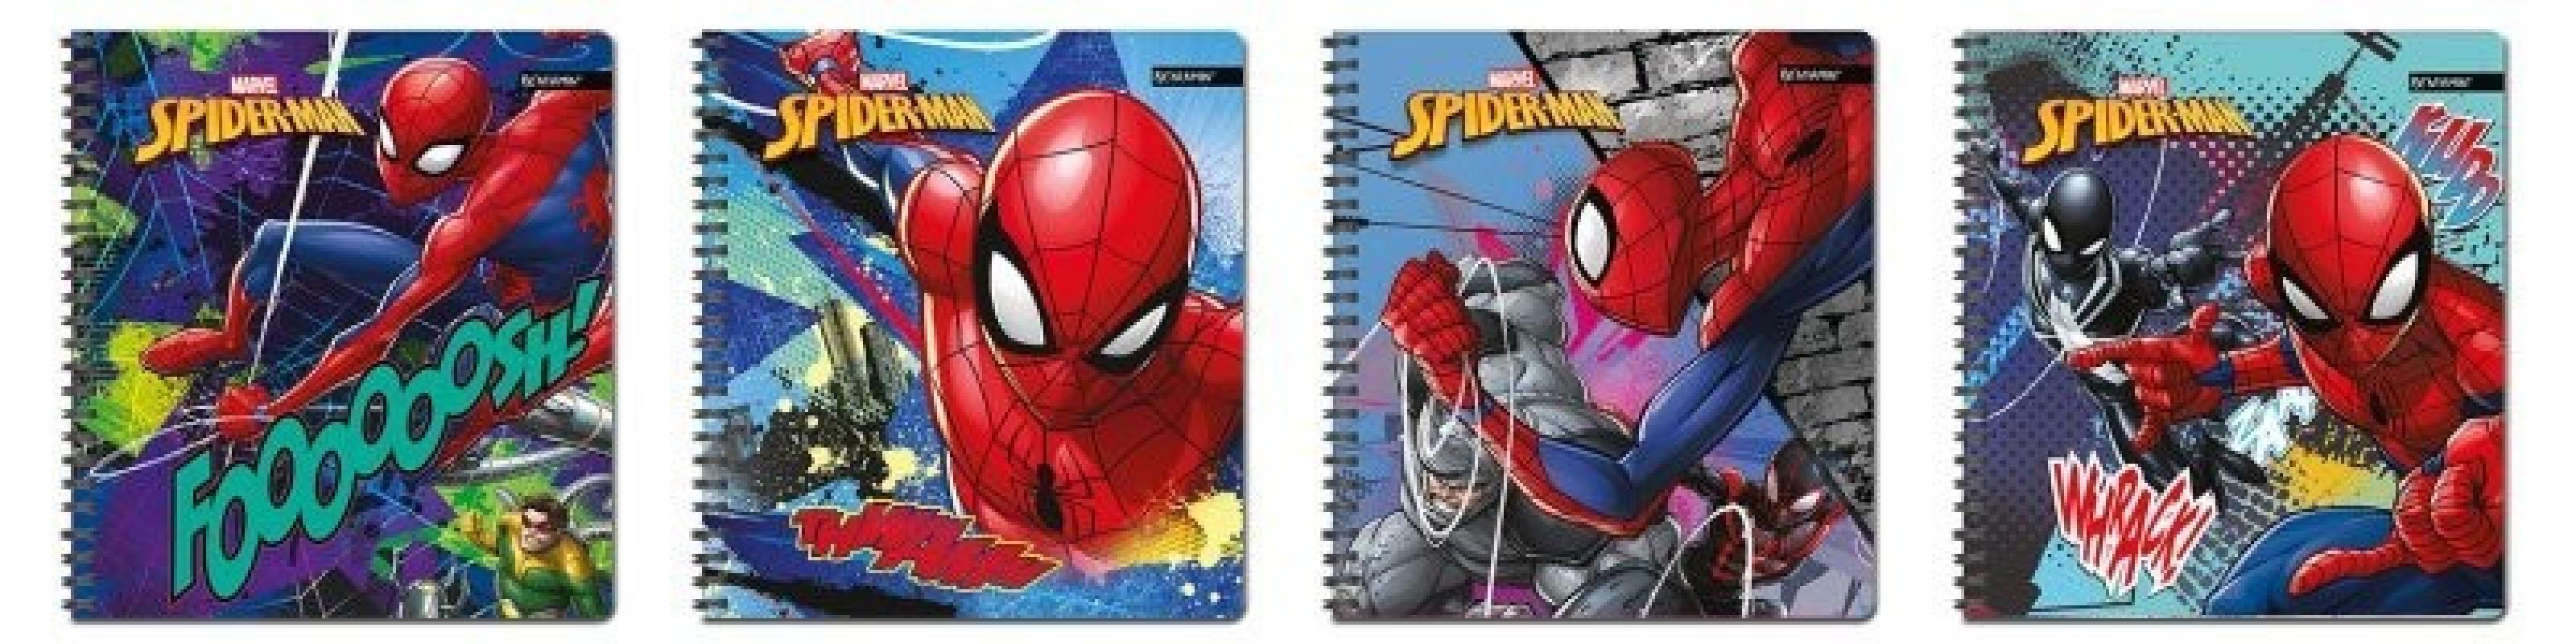 Notes / zápisník Spiderman / vecizfilmu